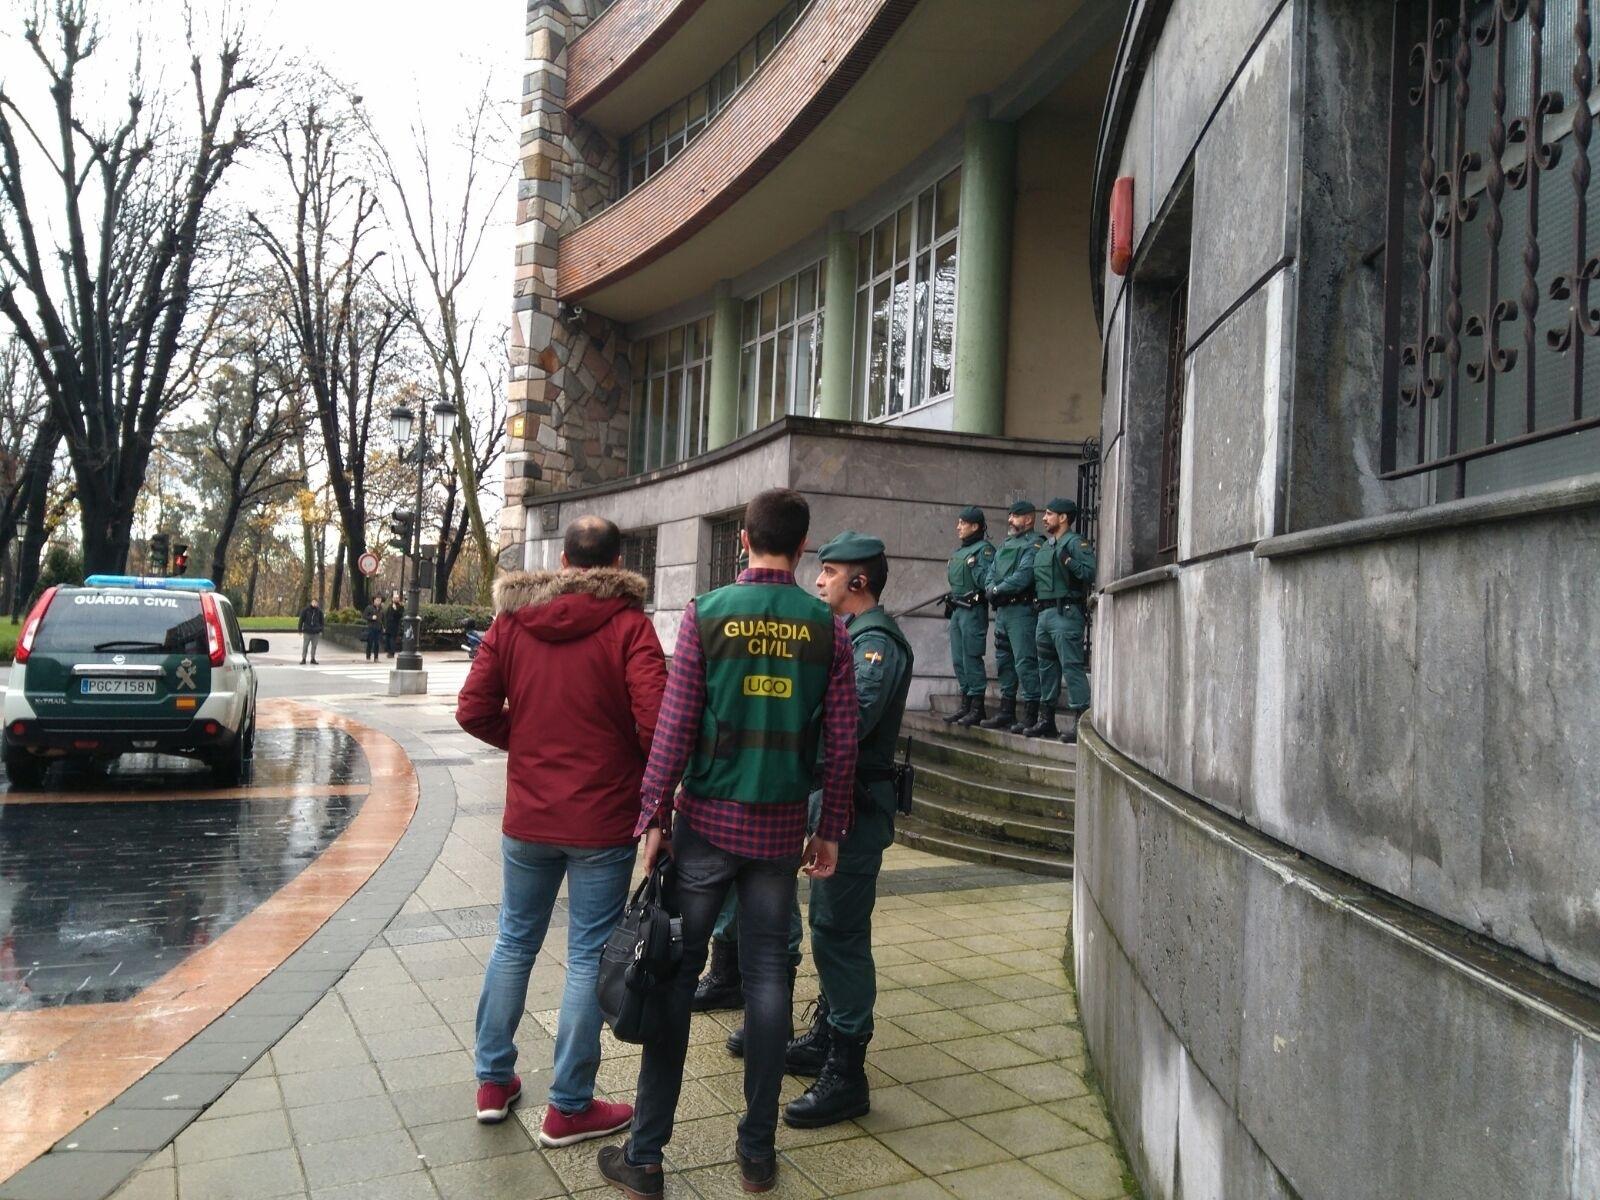 Agentes de la UCO registran la sede de UGT en Asturias.